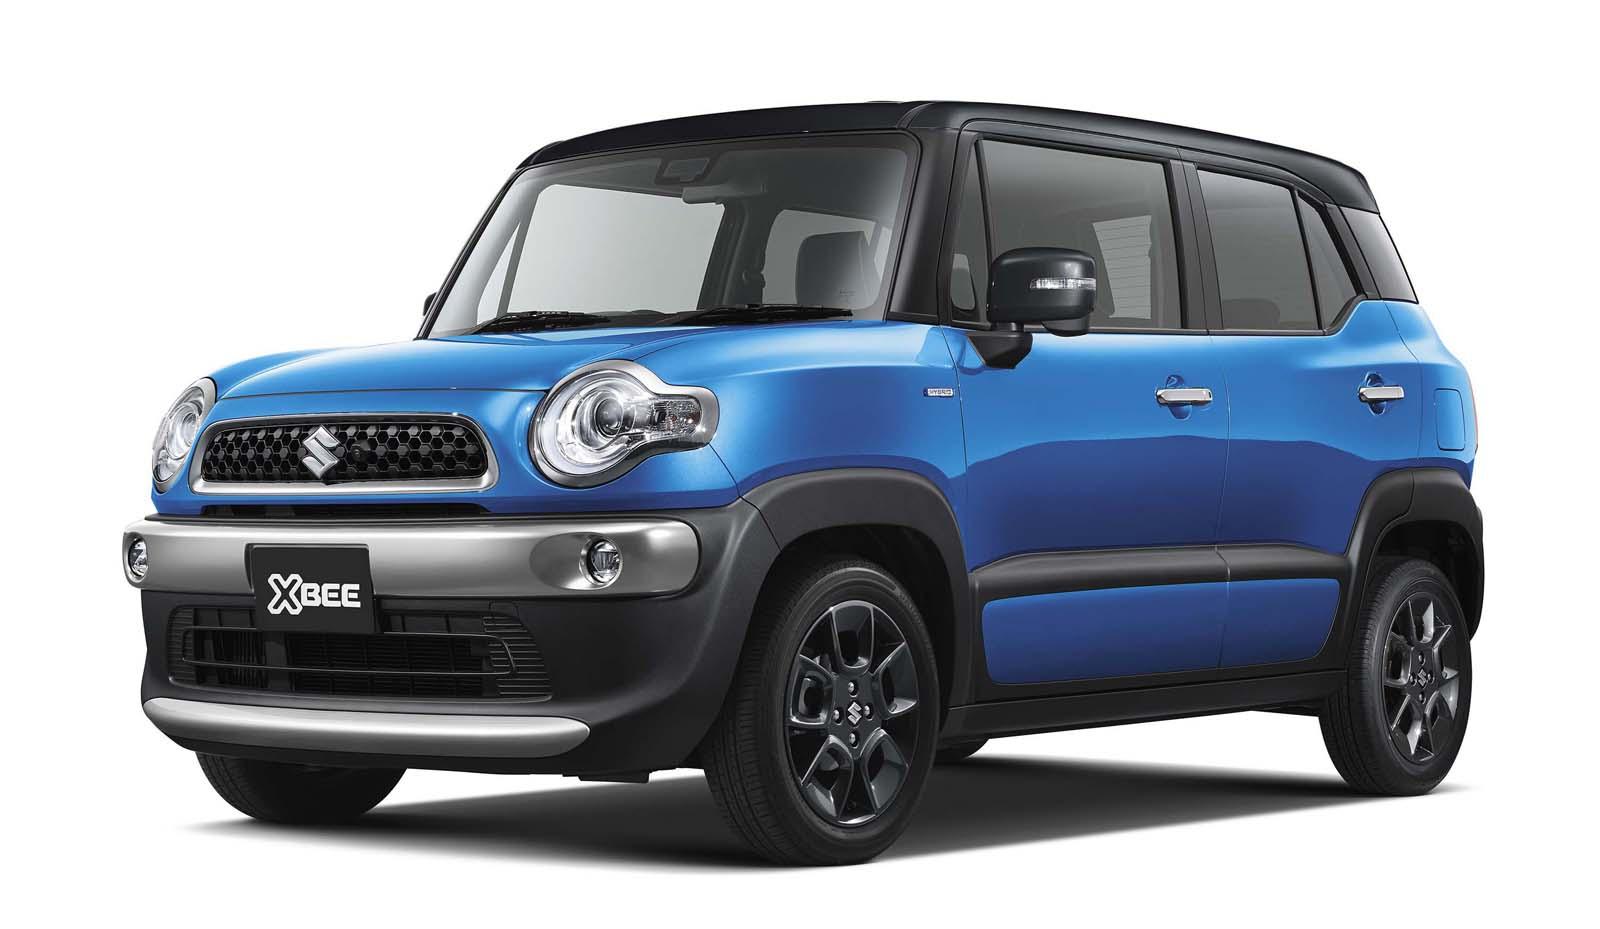 Suzuki Xbee 2018 (6)